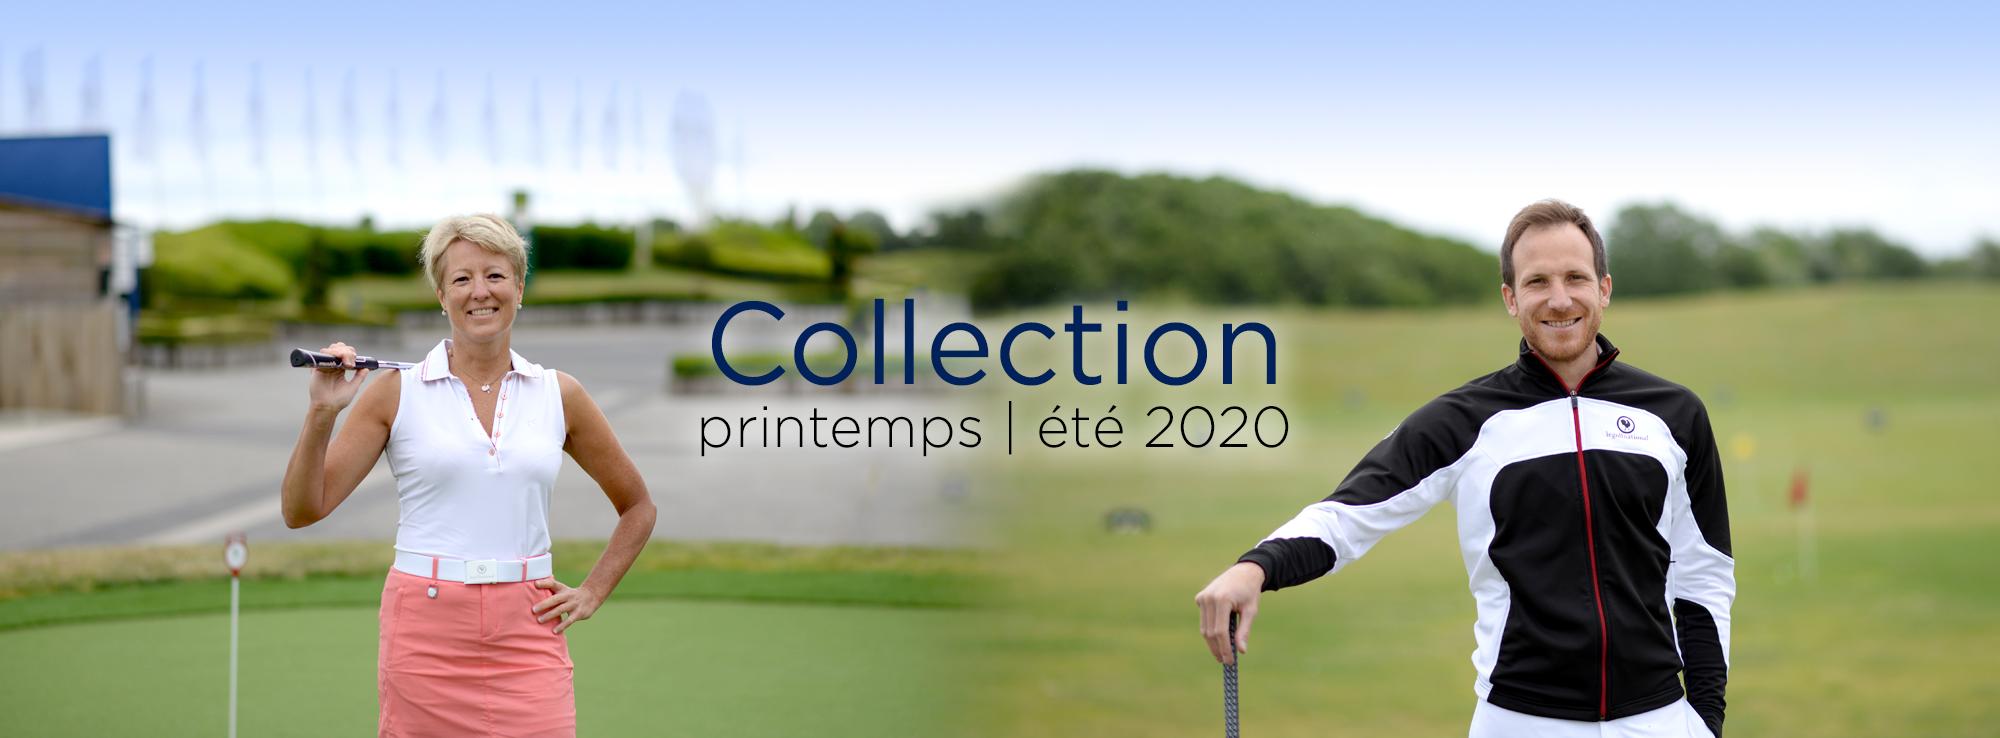 Collection printemps été 2020